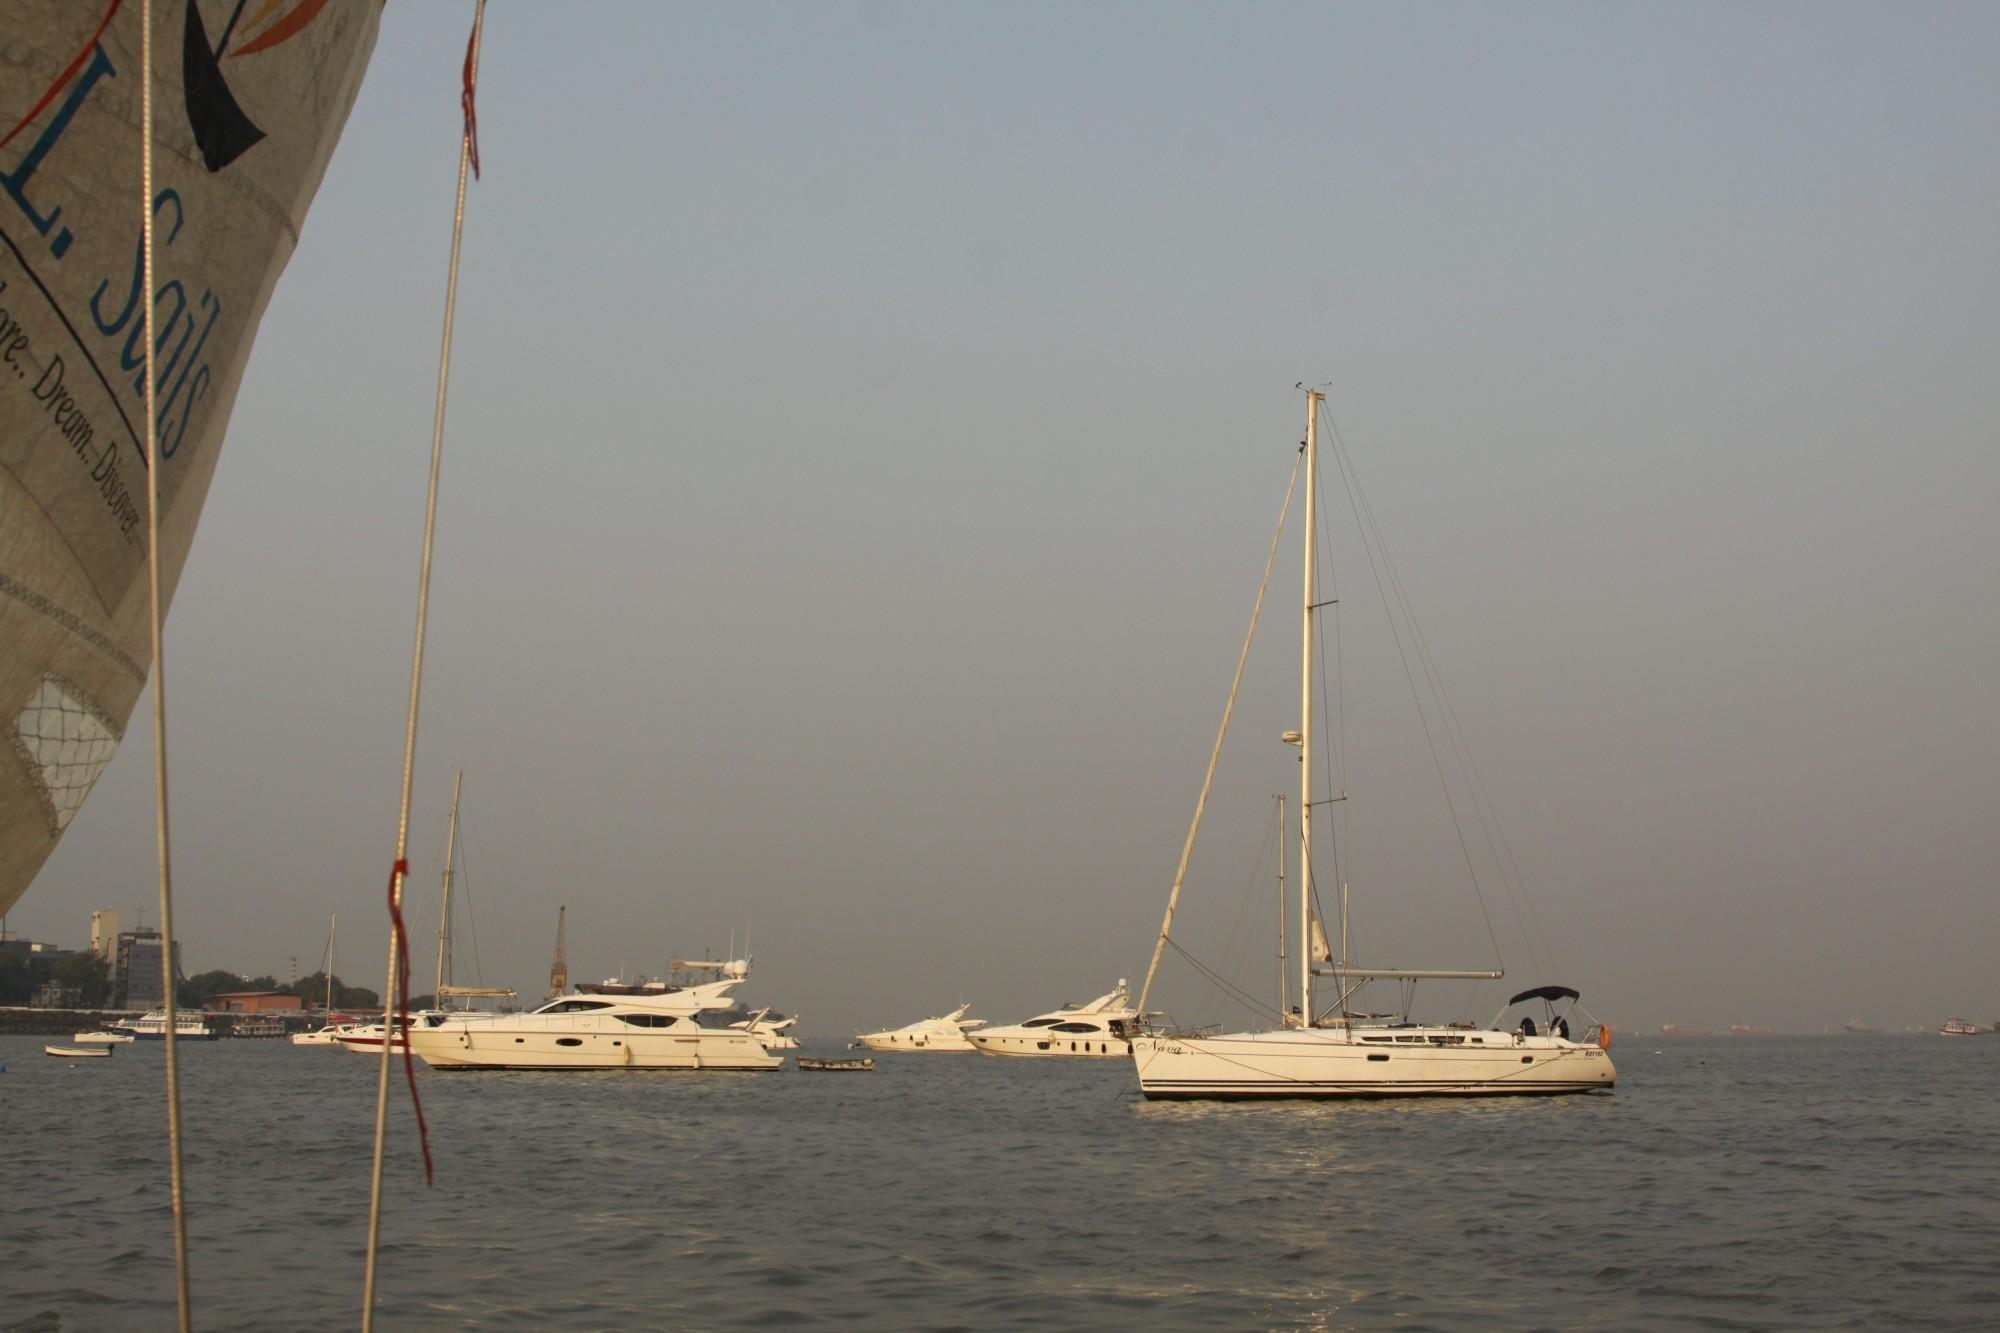 Sailboats in the Mumbai Harbour